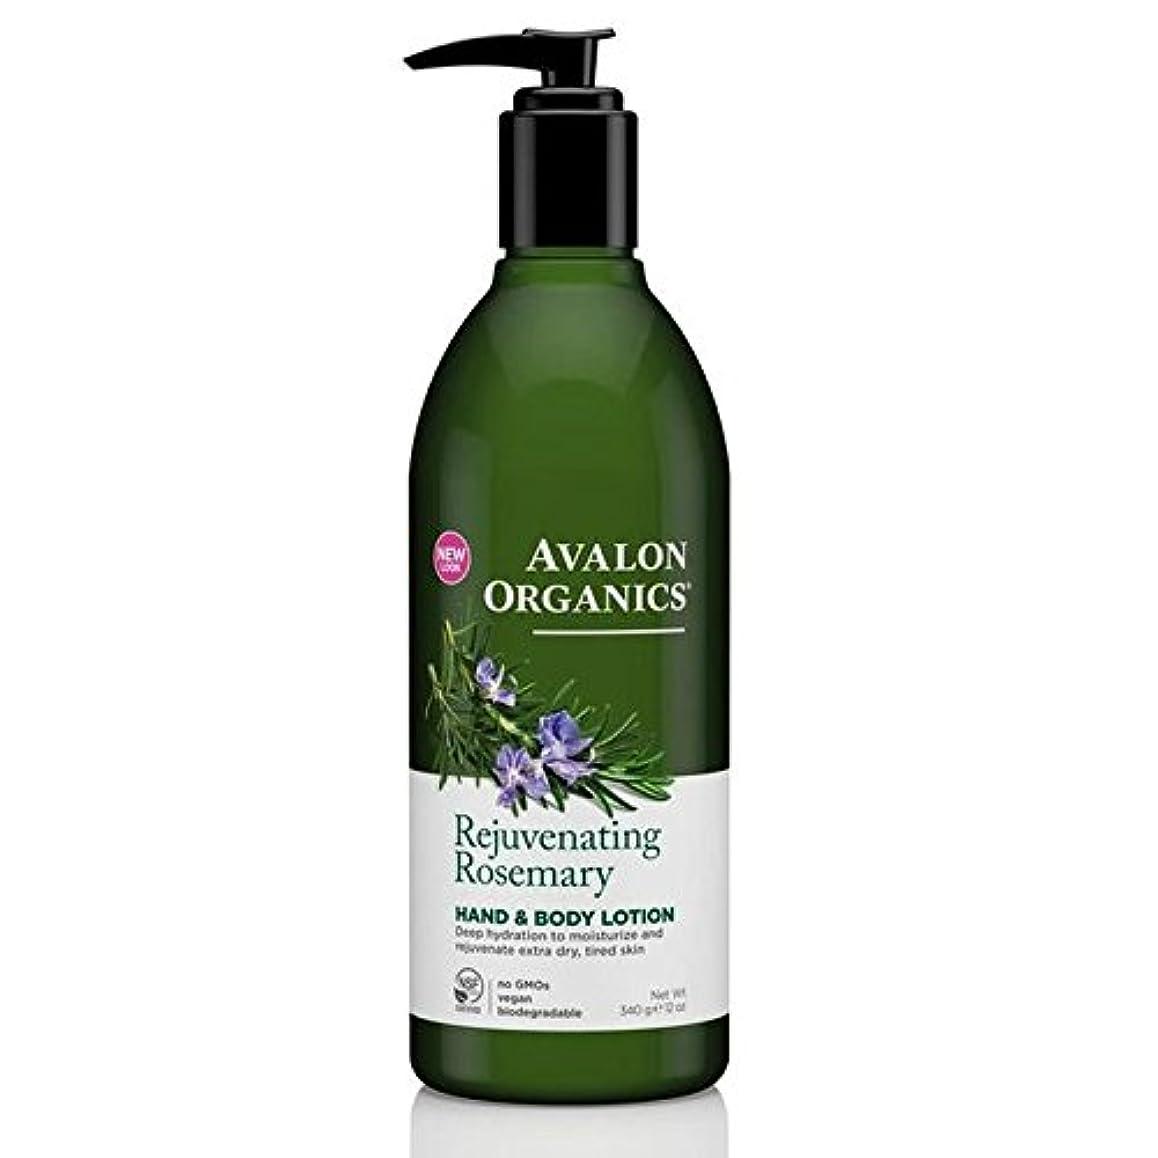 ラッカス栄光突然のAvalon Organics Rosemary Hand & Body Lotion 340g (Pack of 6) - (Avalon) ローズマリーハンド&ボディローション340グラム (x6) [並行輸入品]